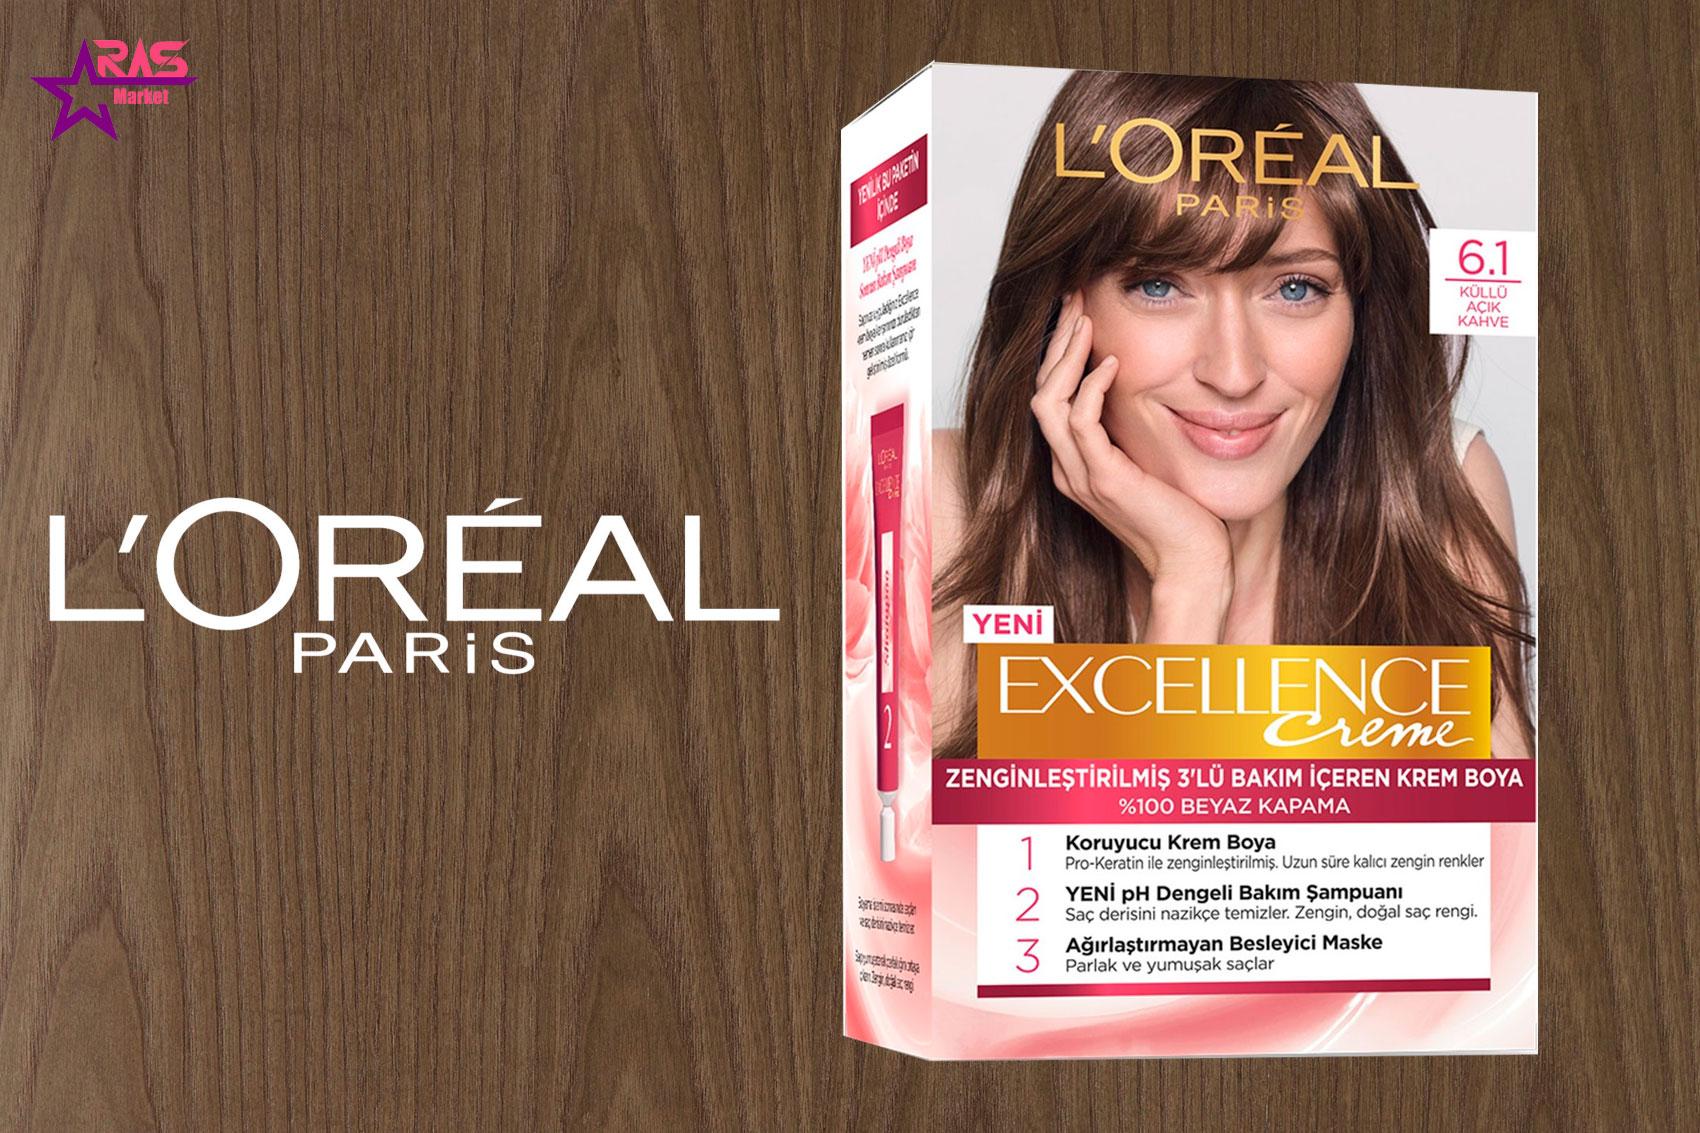 کیت رنگ مو لورآل سری Excellence شماره 6.1 ، خرید اینترنتی محصولات شوینده و بهداشتی ، بهداشت بانوان